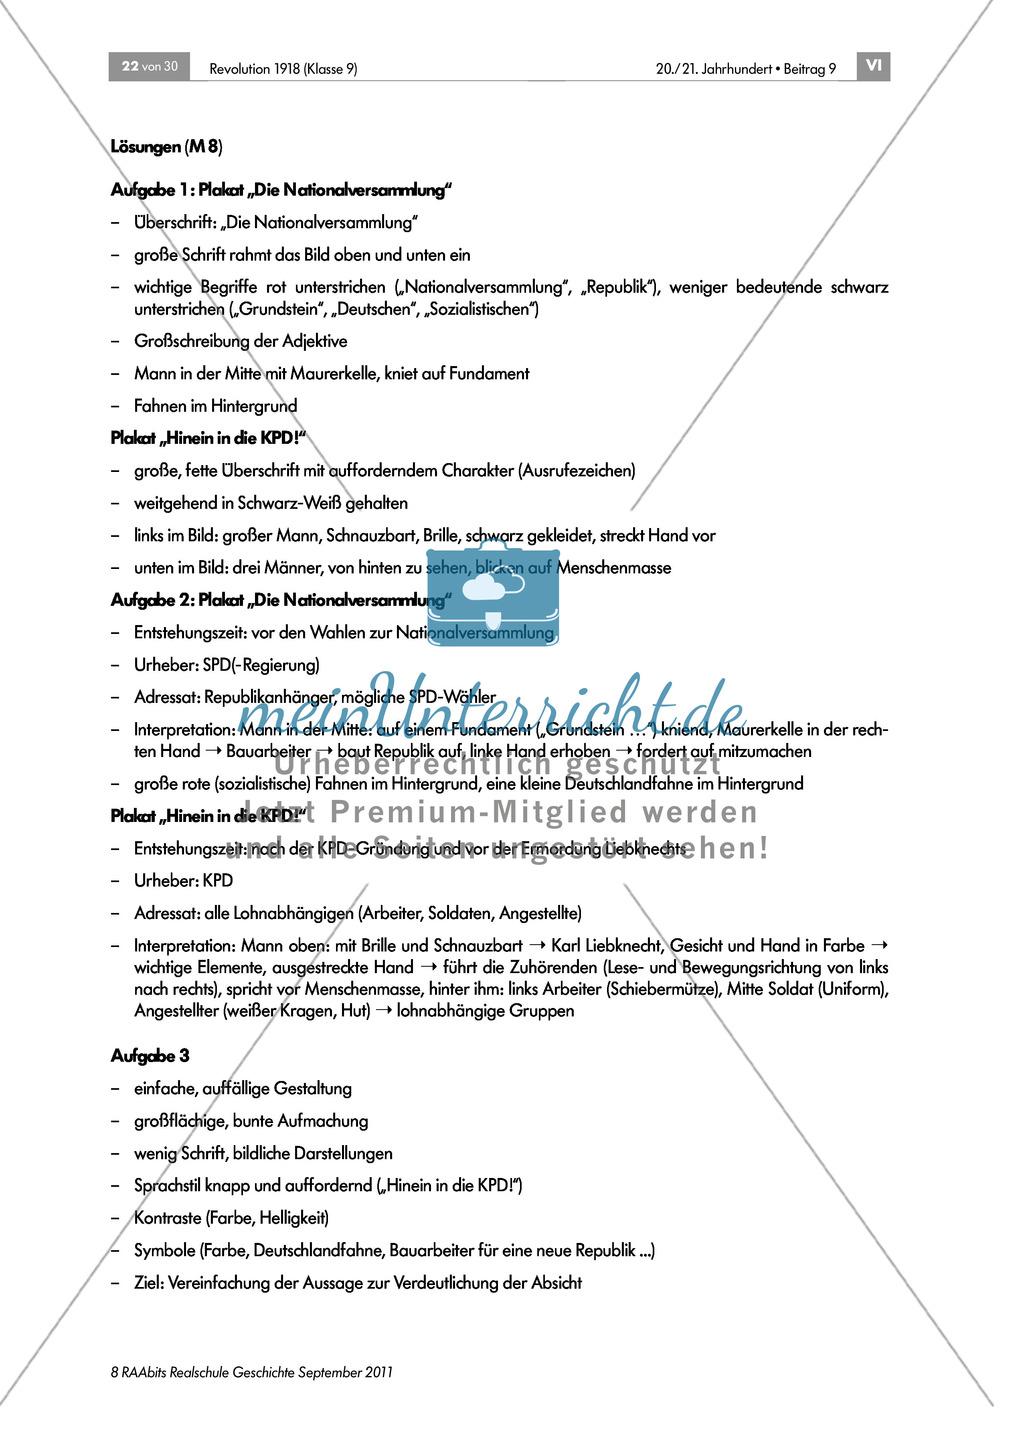 Quellen, Plakate, Flugblätter zum Spartakusbund und zur KPD in der Weimarer Republik mit Aufgaben Preview 4